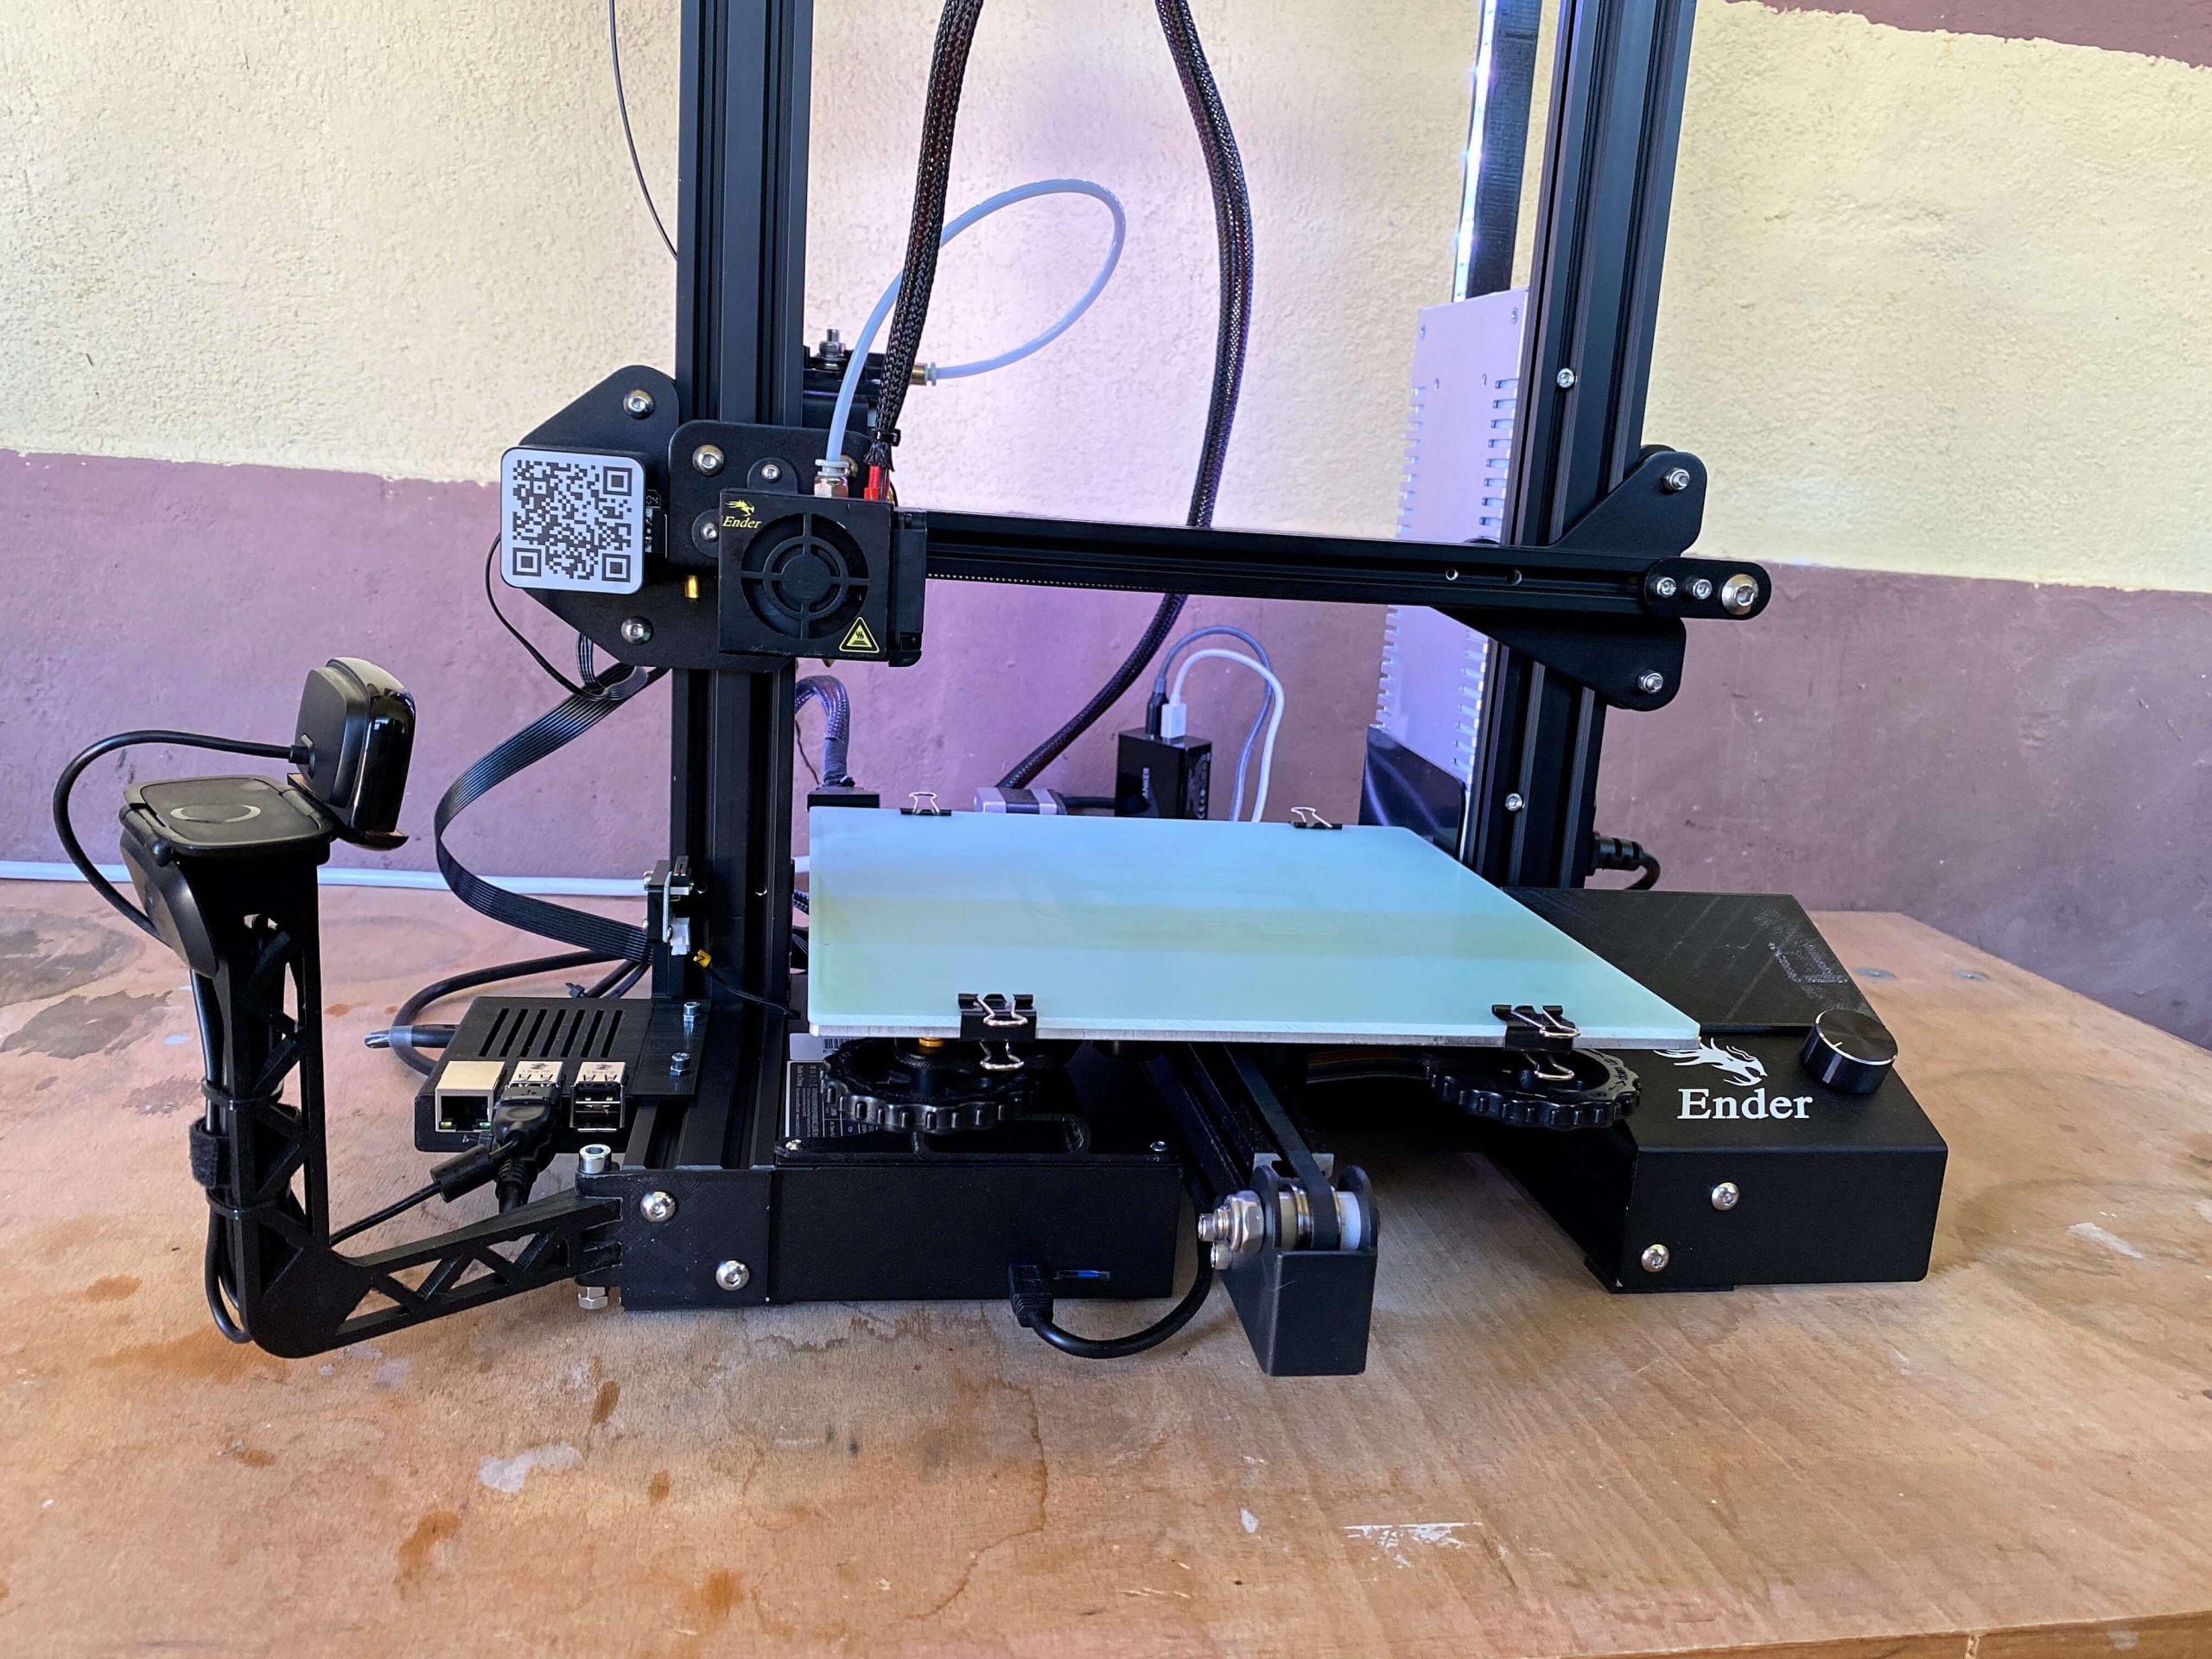 Ender-3-von-Creality-der-3D-Drucker-für-den-Einsteiger-und-Fortgeschrittenen2-scaled Ender 3 von Creality - der 3D-Drucker für den Einsteiger und Fortgeschrittenen